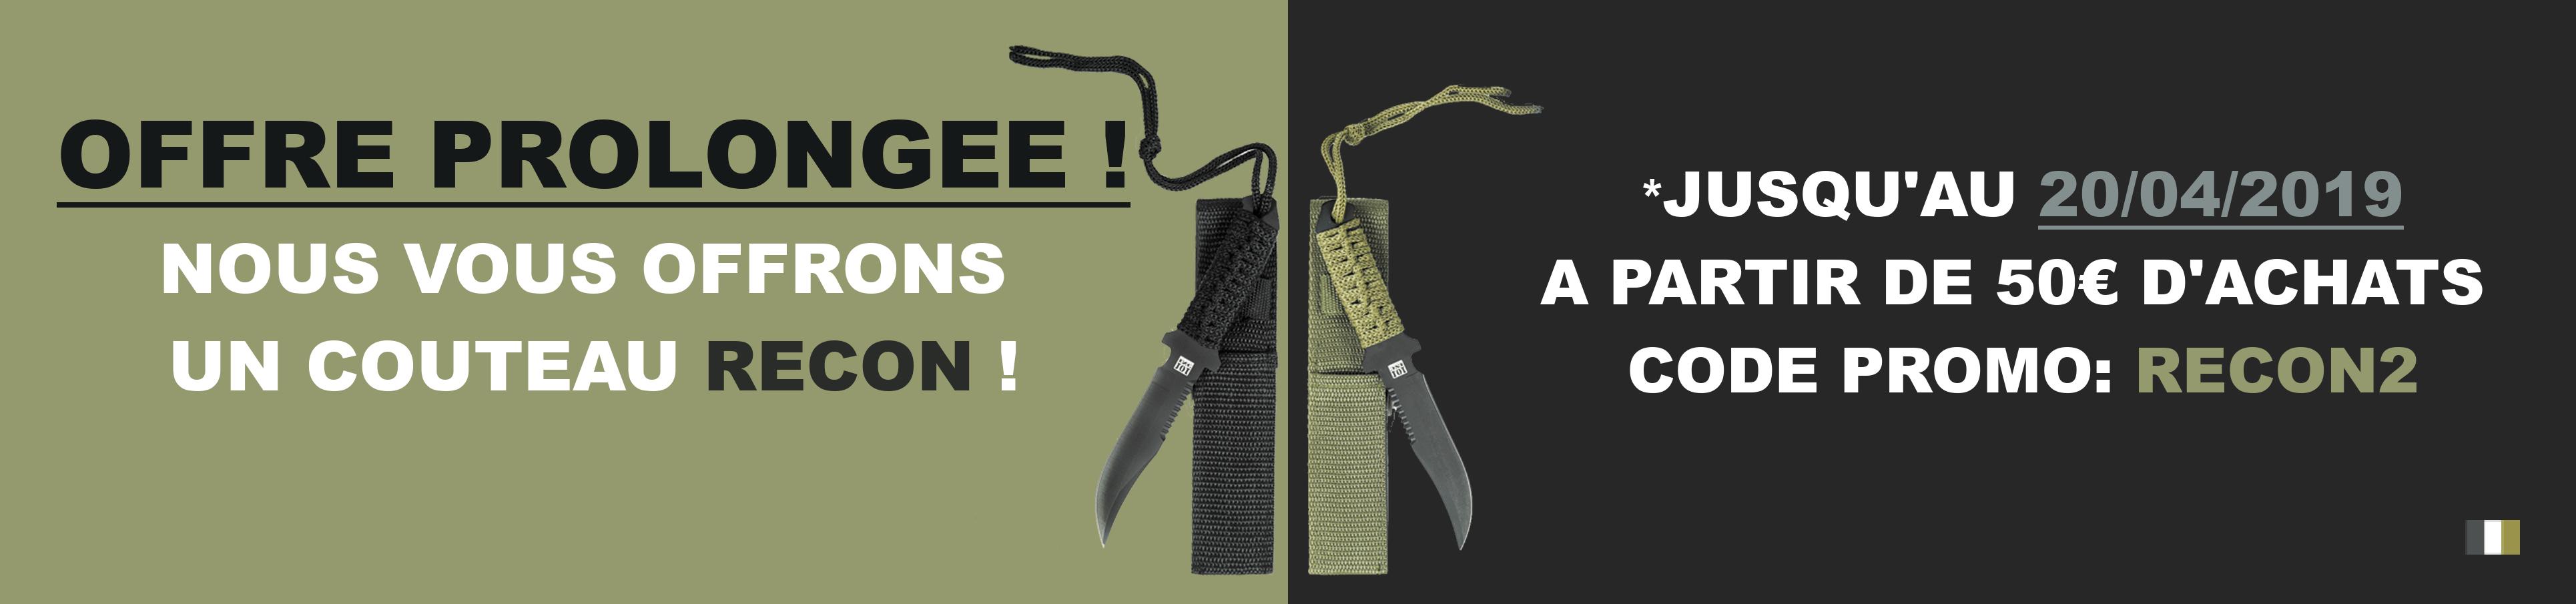 Couteau de combat RECON offert à partir de 50 euros d'achat